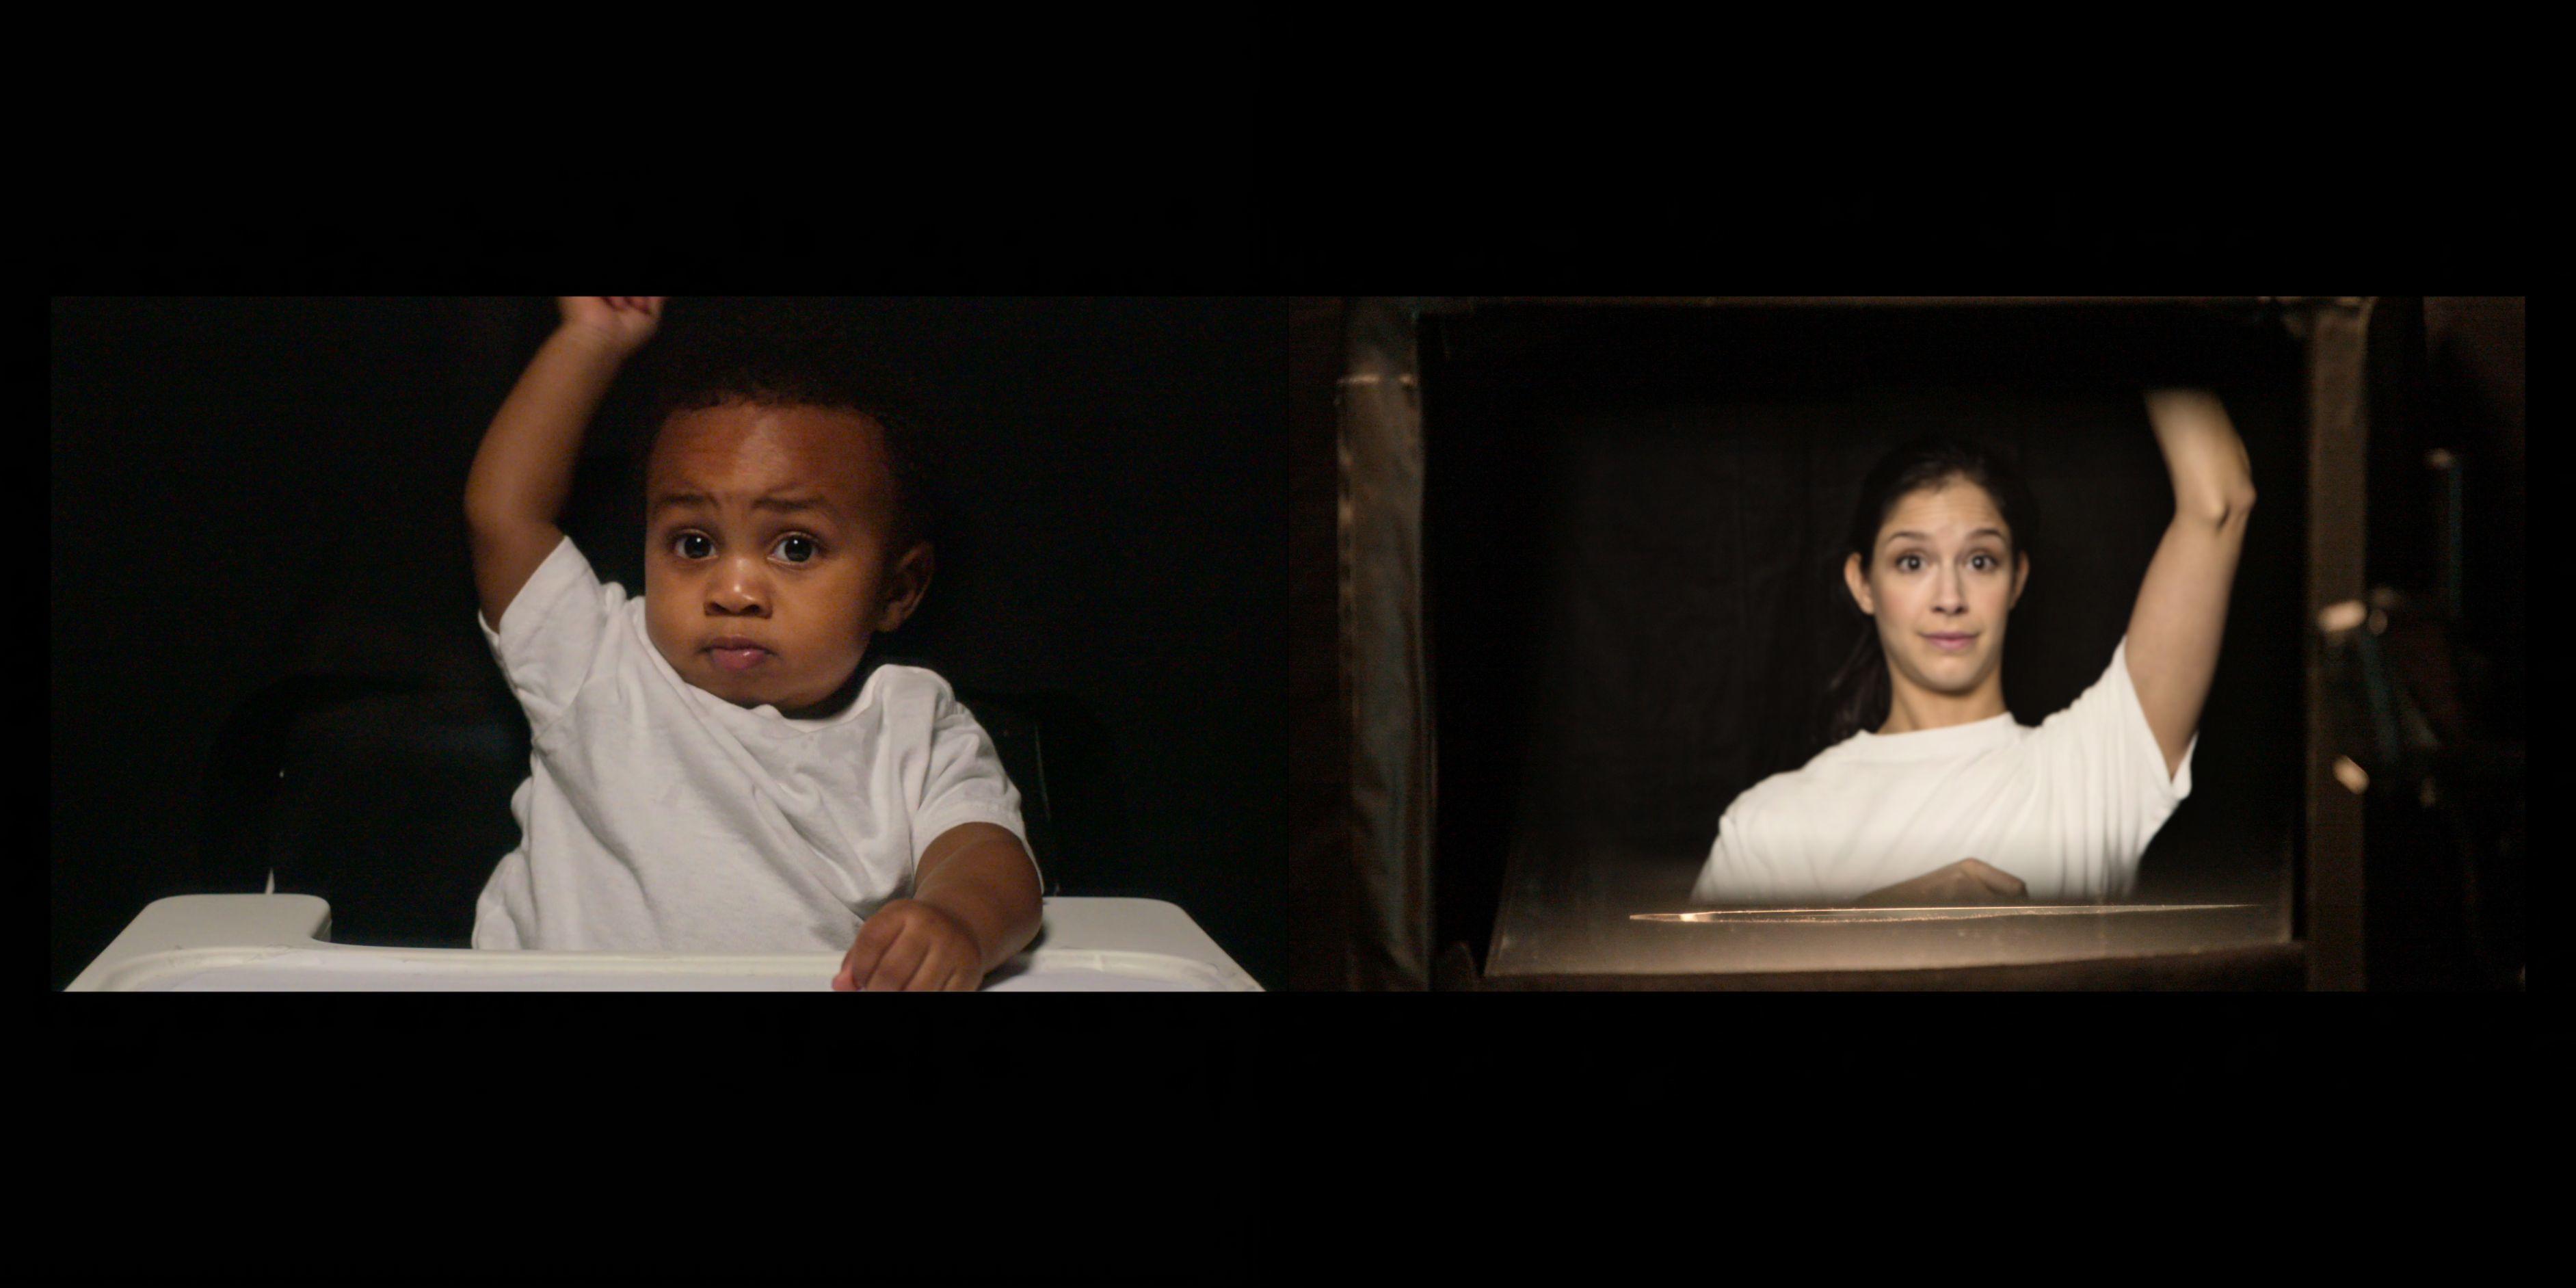 NETFLIX オリジナルドキュメンタリー『赤ちゃんを科学する: パート2』6月19日配信